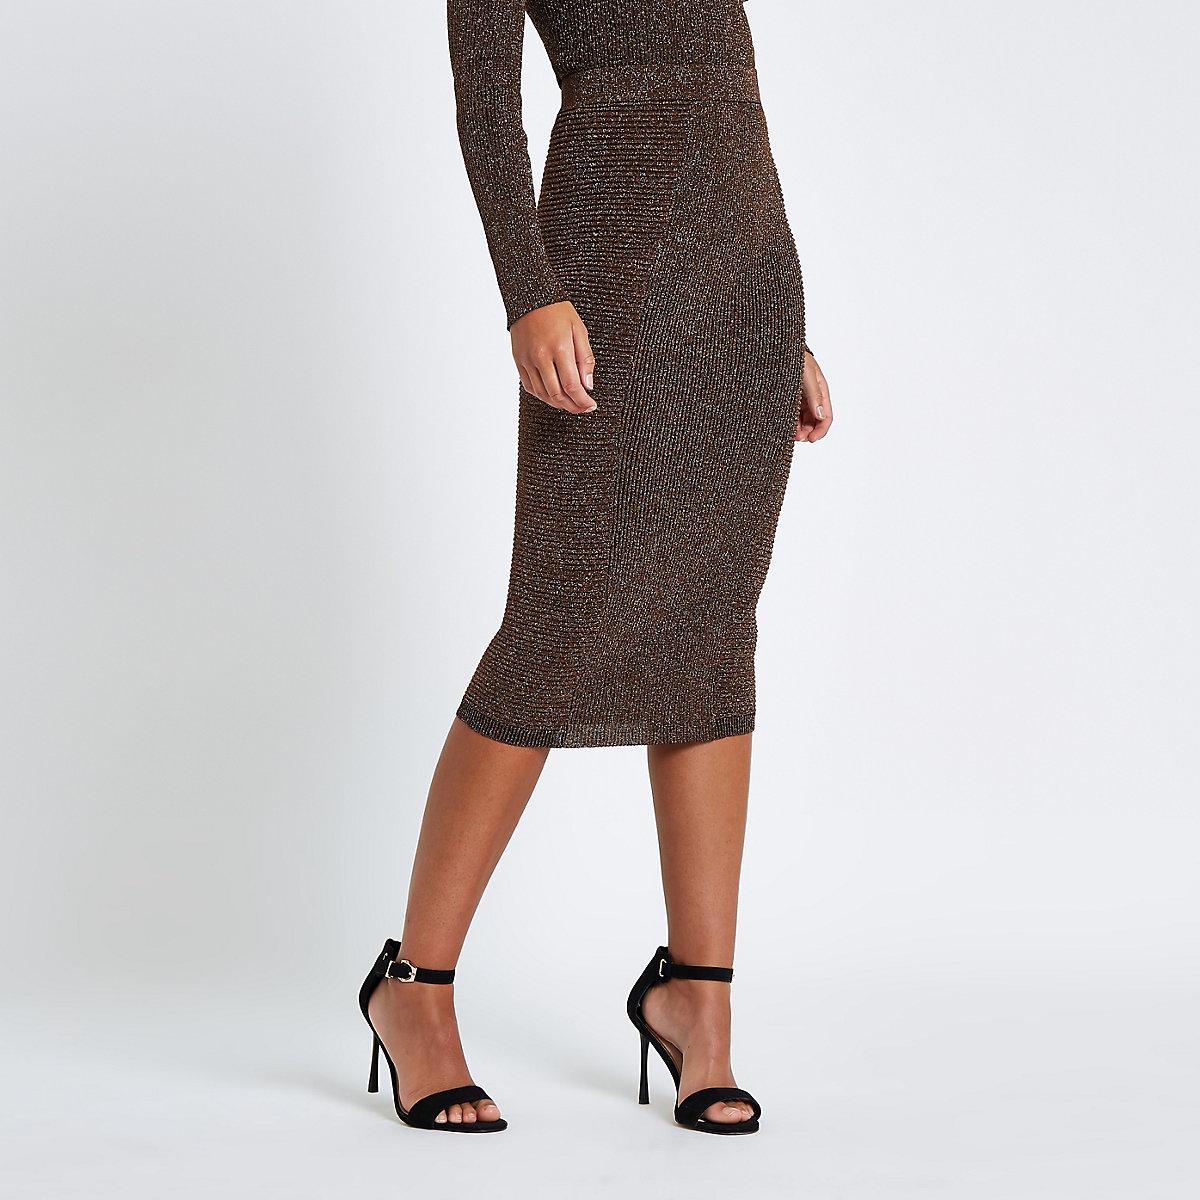 Brown metallic pencil skirt